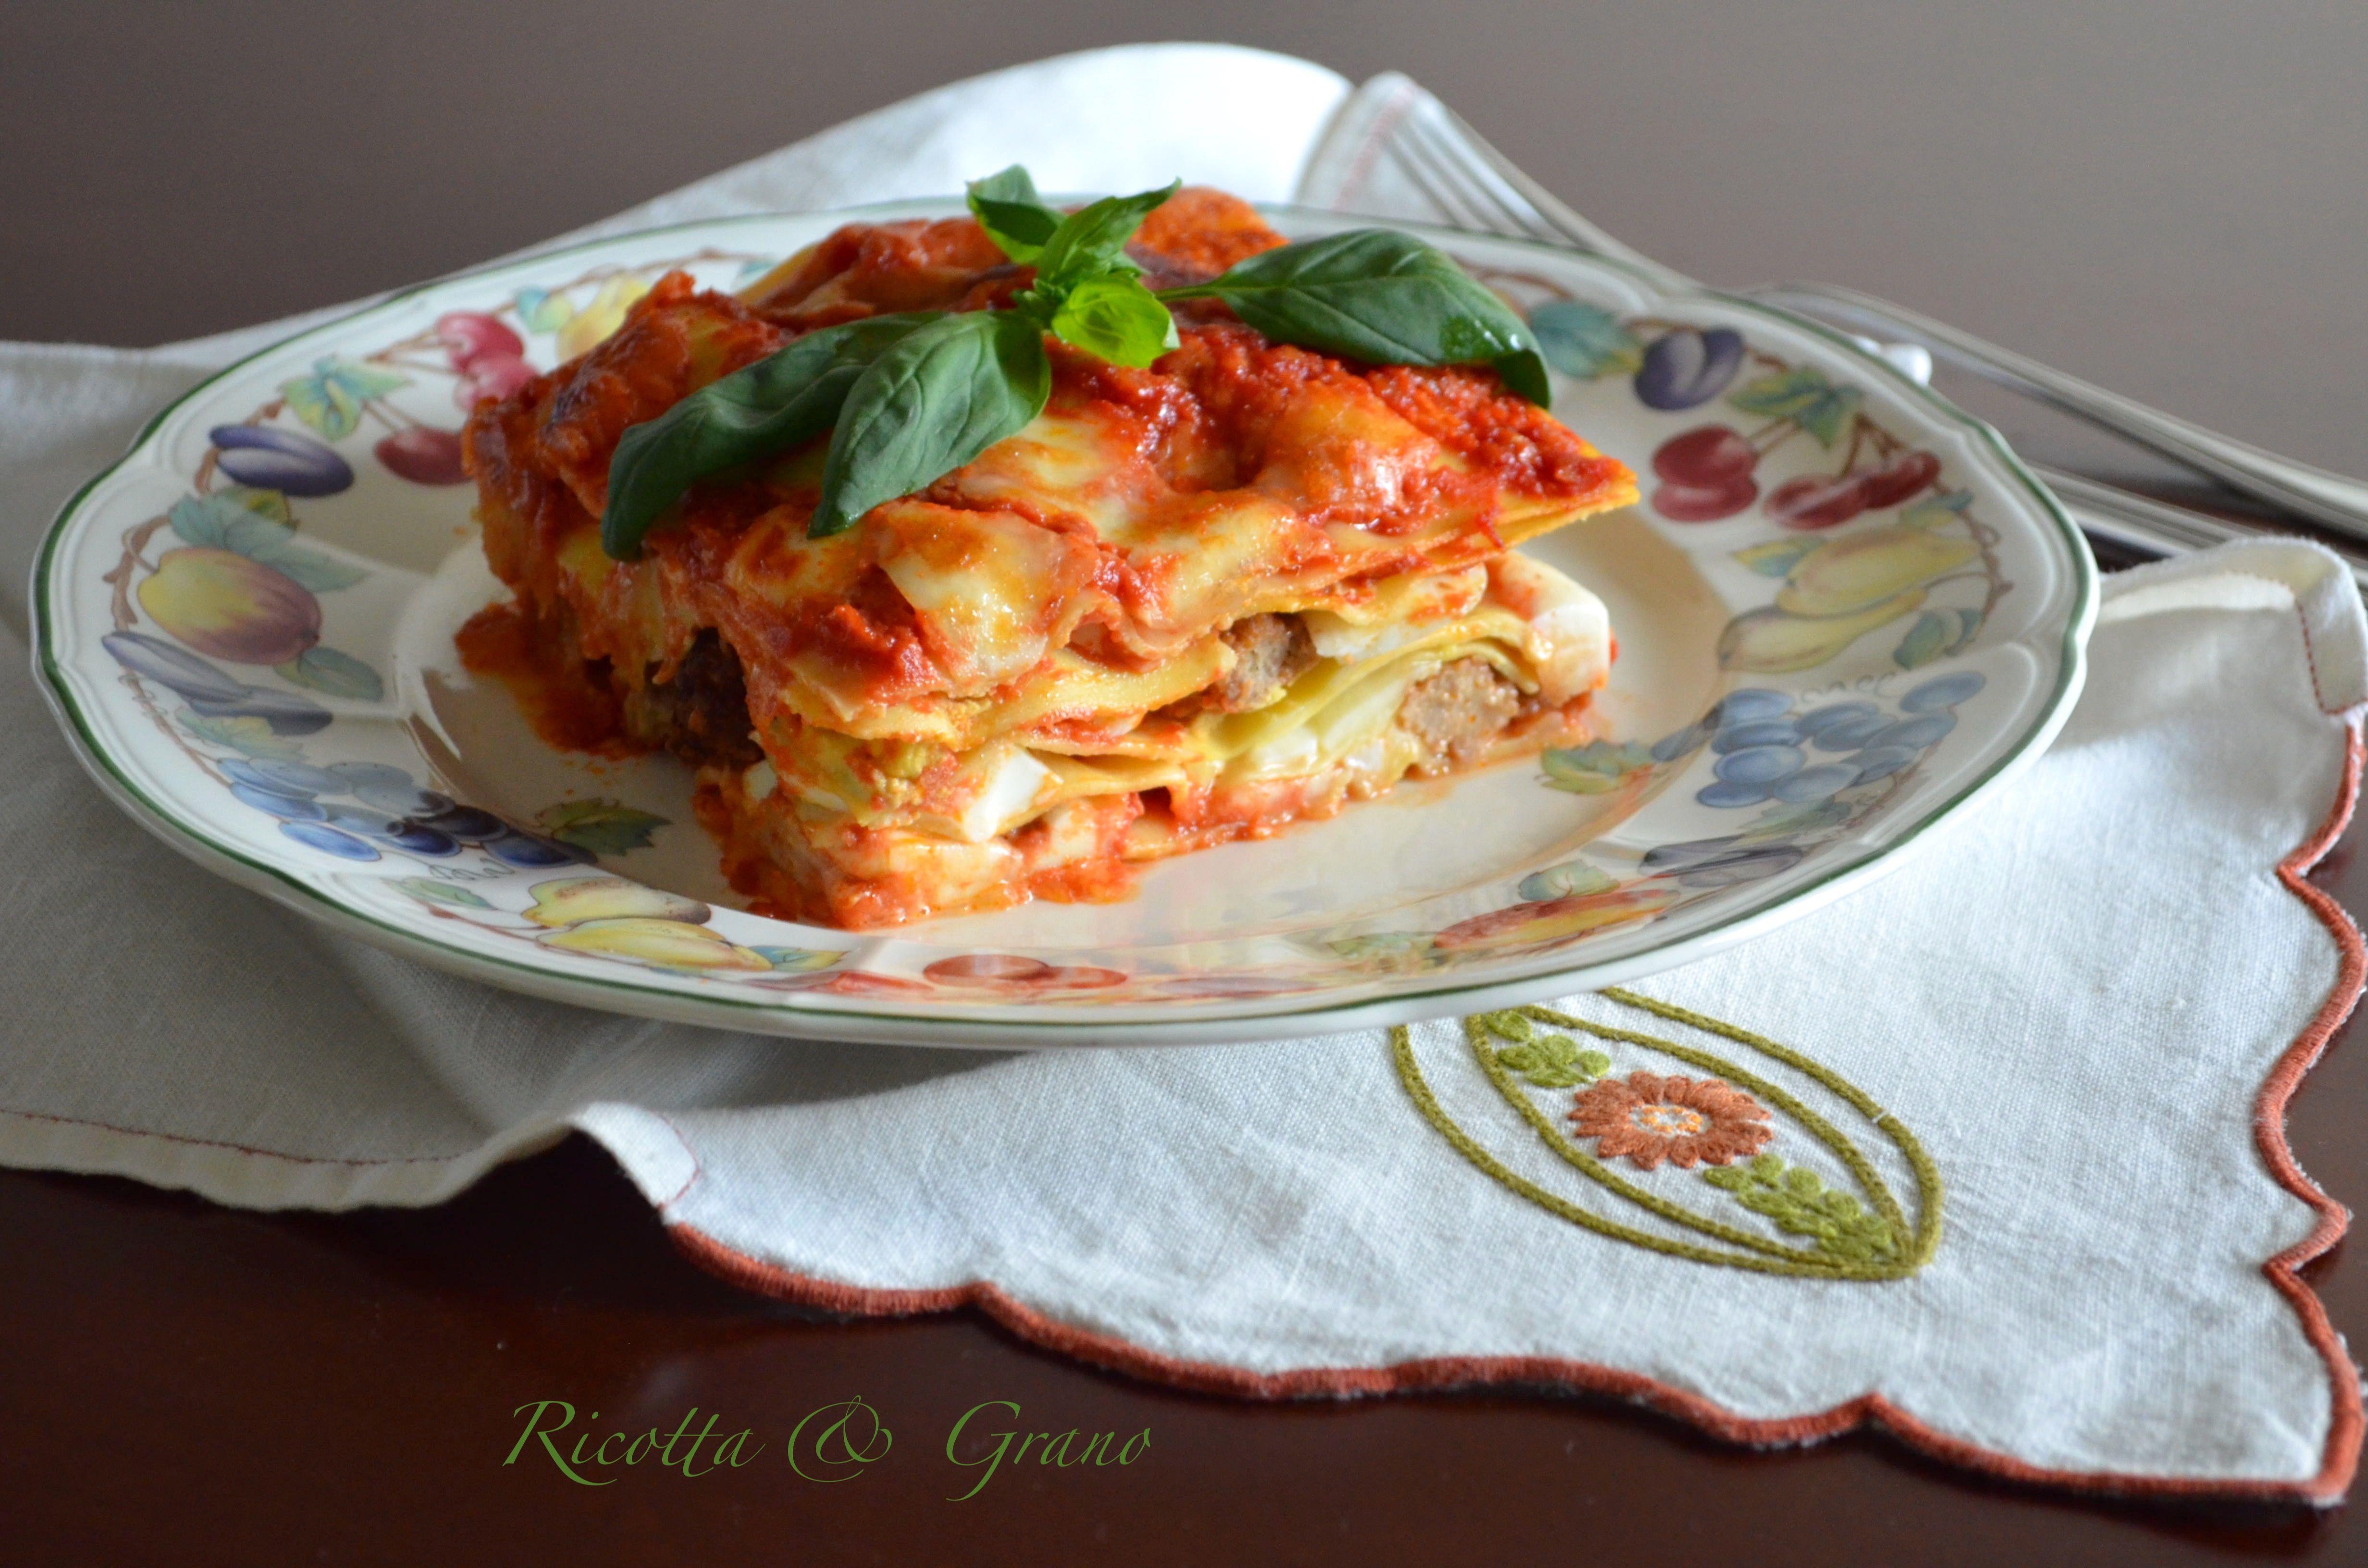 Il polpo all insalata ¨ un antipasto di mare tipico della cucina napoletana preparato con una ricetta tradizionale utilizzando un polpo verace ch…